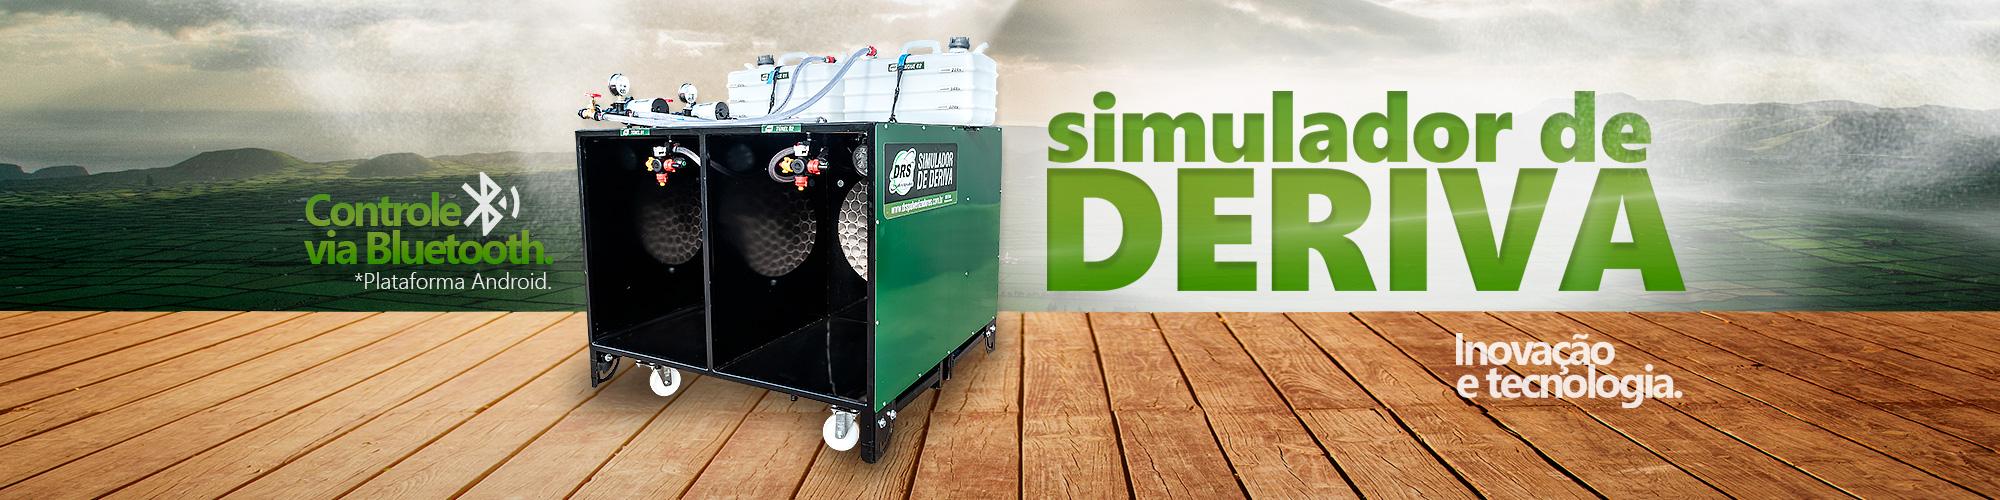 simulador_deriva